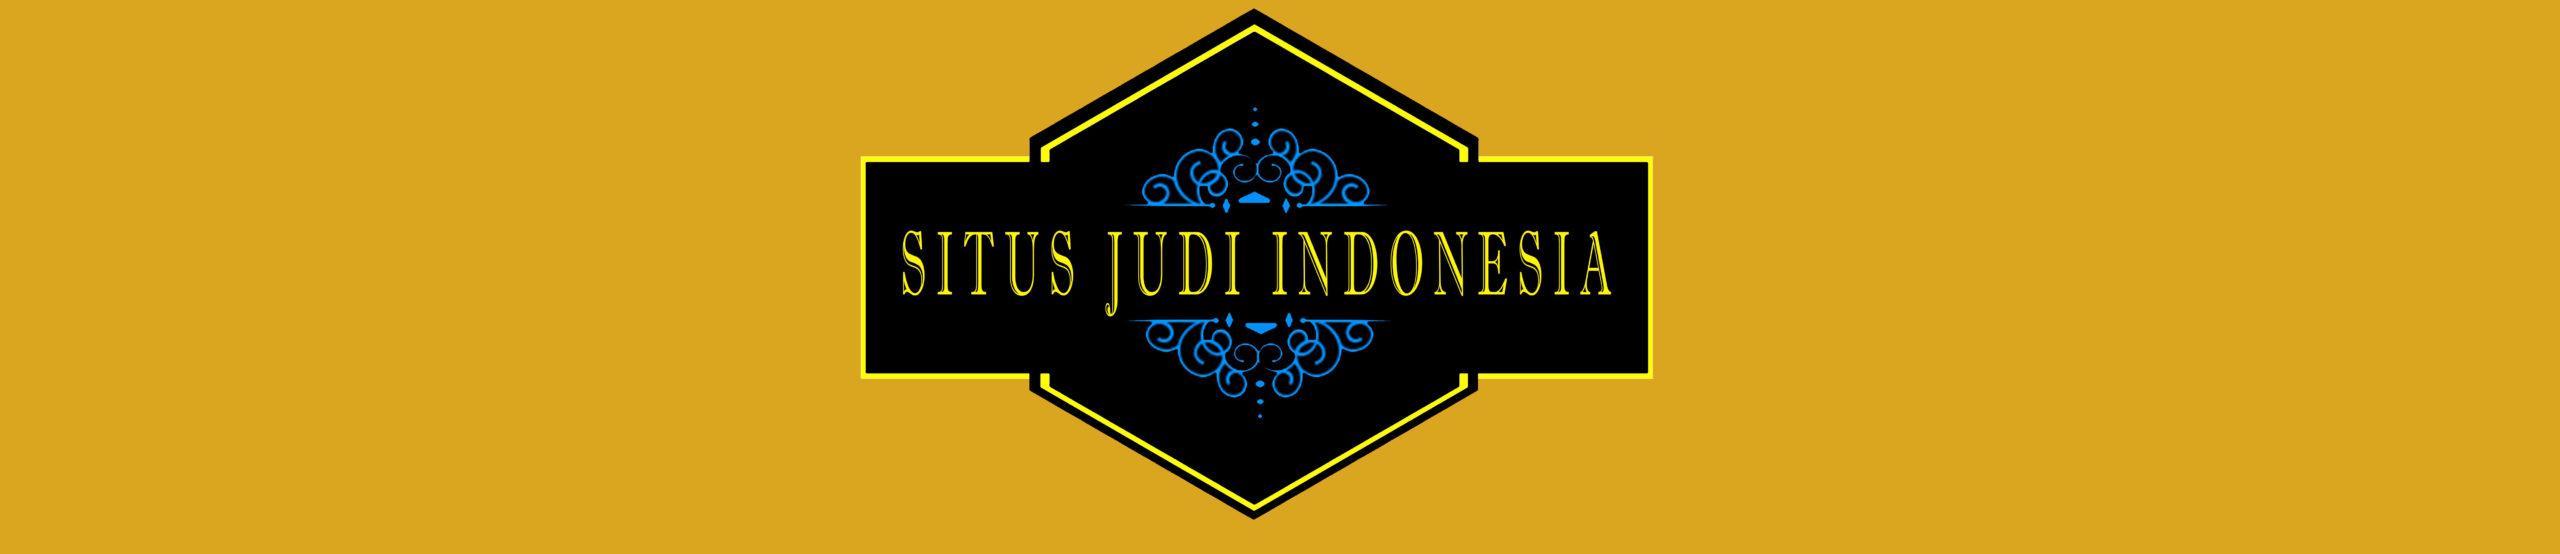 Cara Menang Main Bandar Ceme Online Indonesia